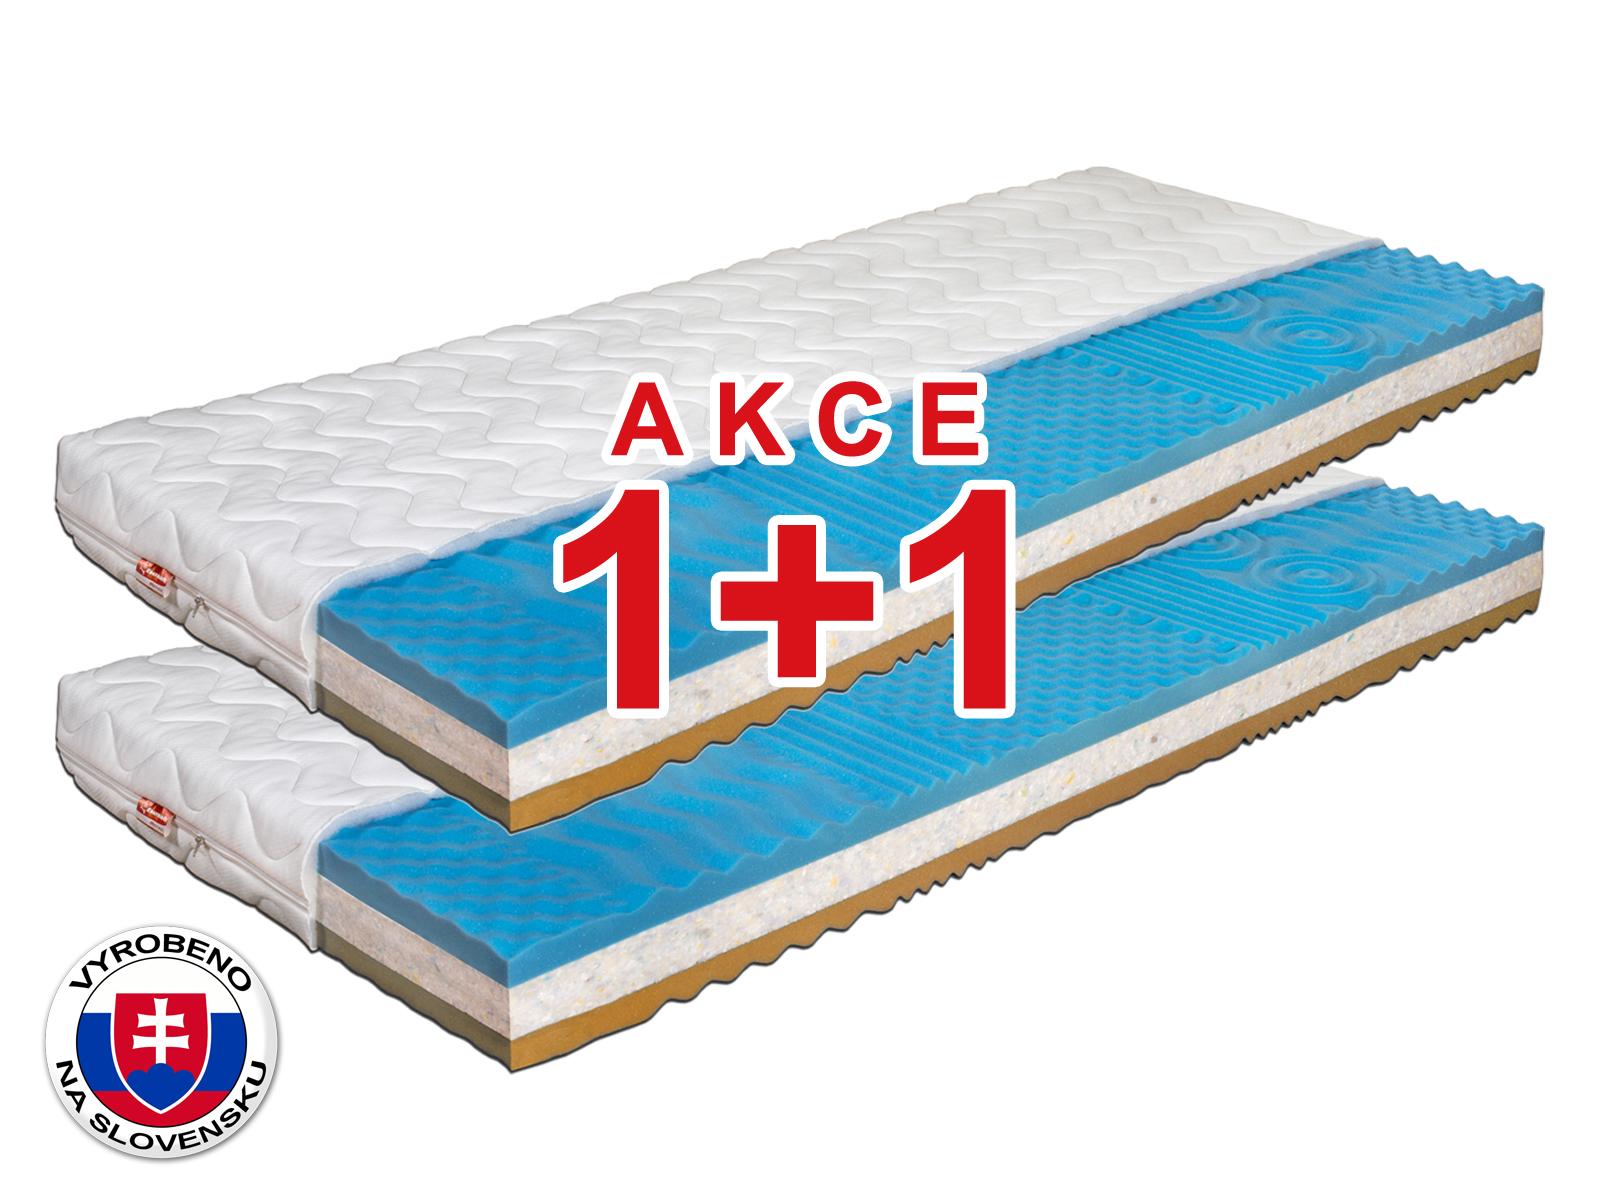 Pěnová matrace - Benab - Dream Optimal 2.0 - 200x80 cm (T4/T5) *AKCE 1+1. Antibakteriální, oboustranná slovenská matrace pro náročné v akci (1 + 1), se 7-zónovou profilací kvalitní PUR pěny, s certifikátem OEKO-TEX.